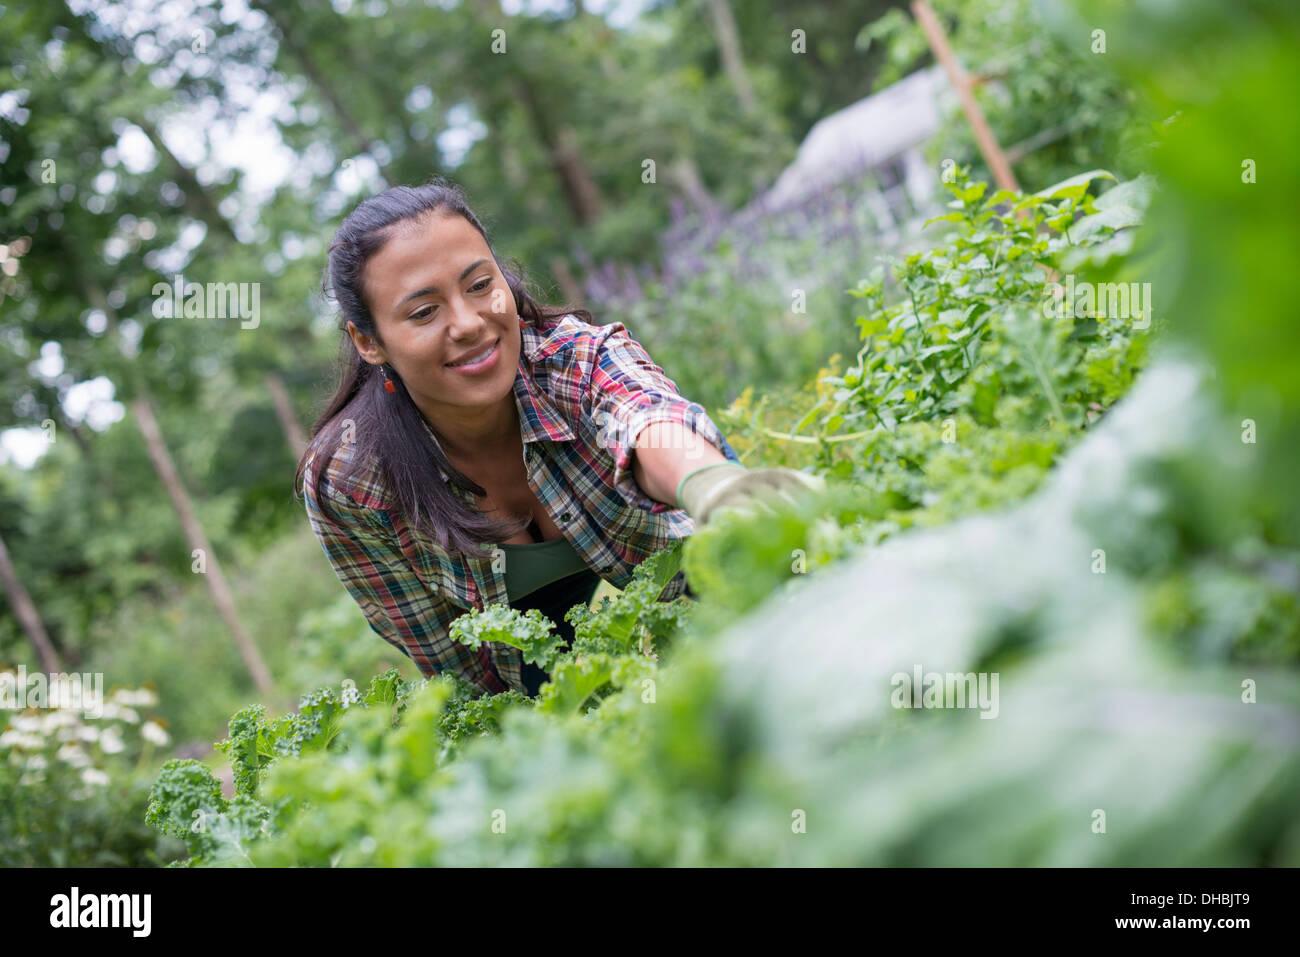 Una donna appoggiandosi a scegliere le erbe fresche e le verdure in un giardino. Immagini Stock